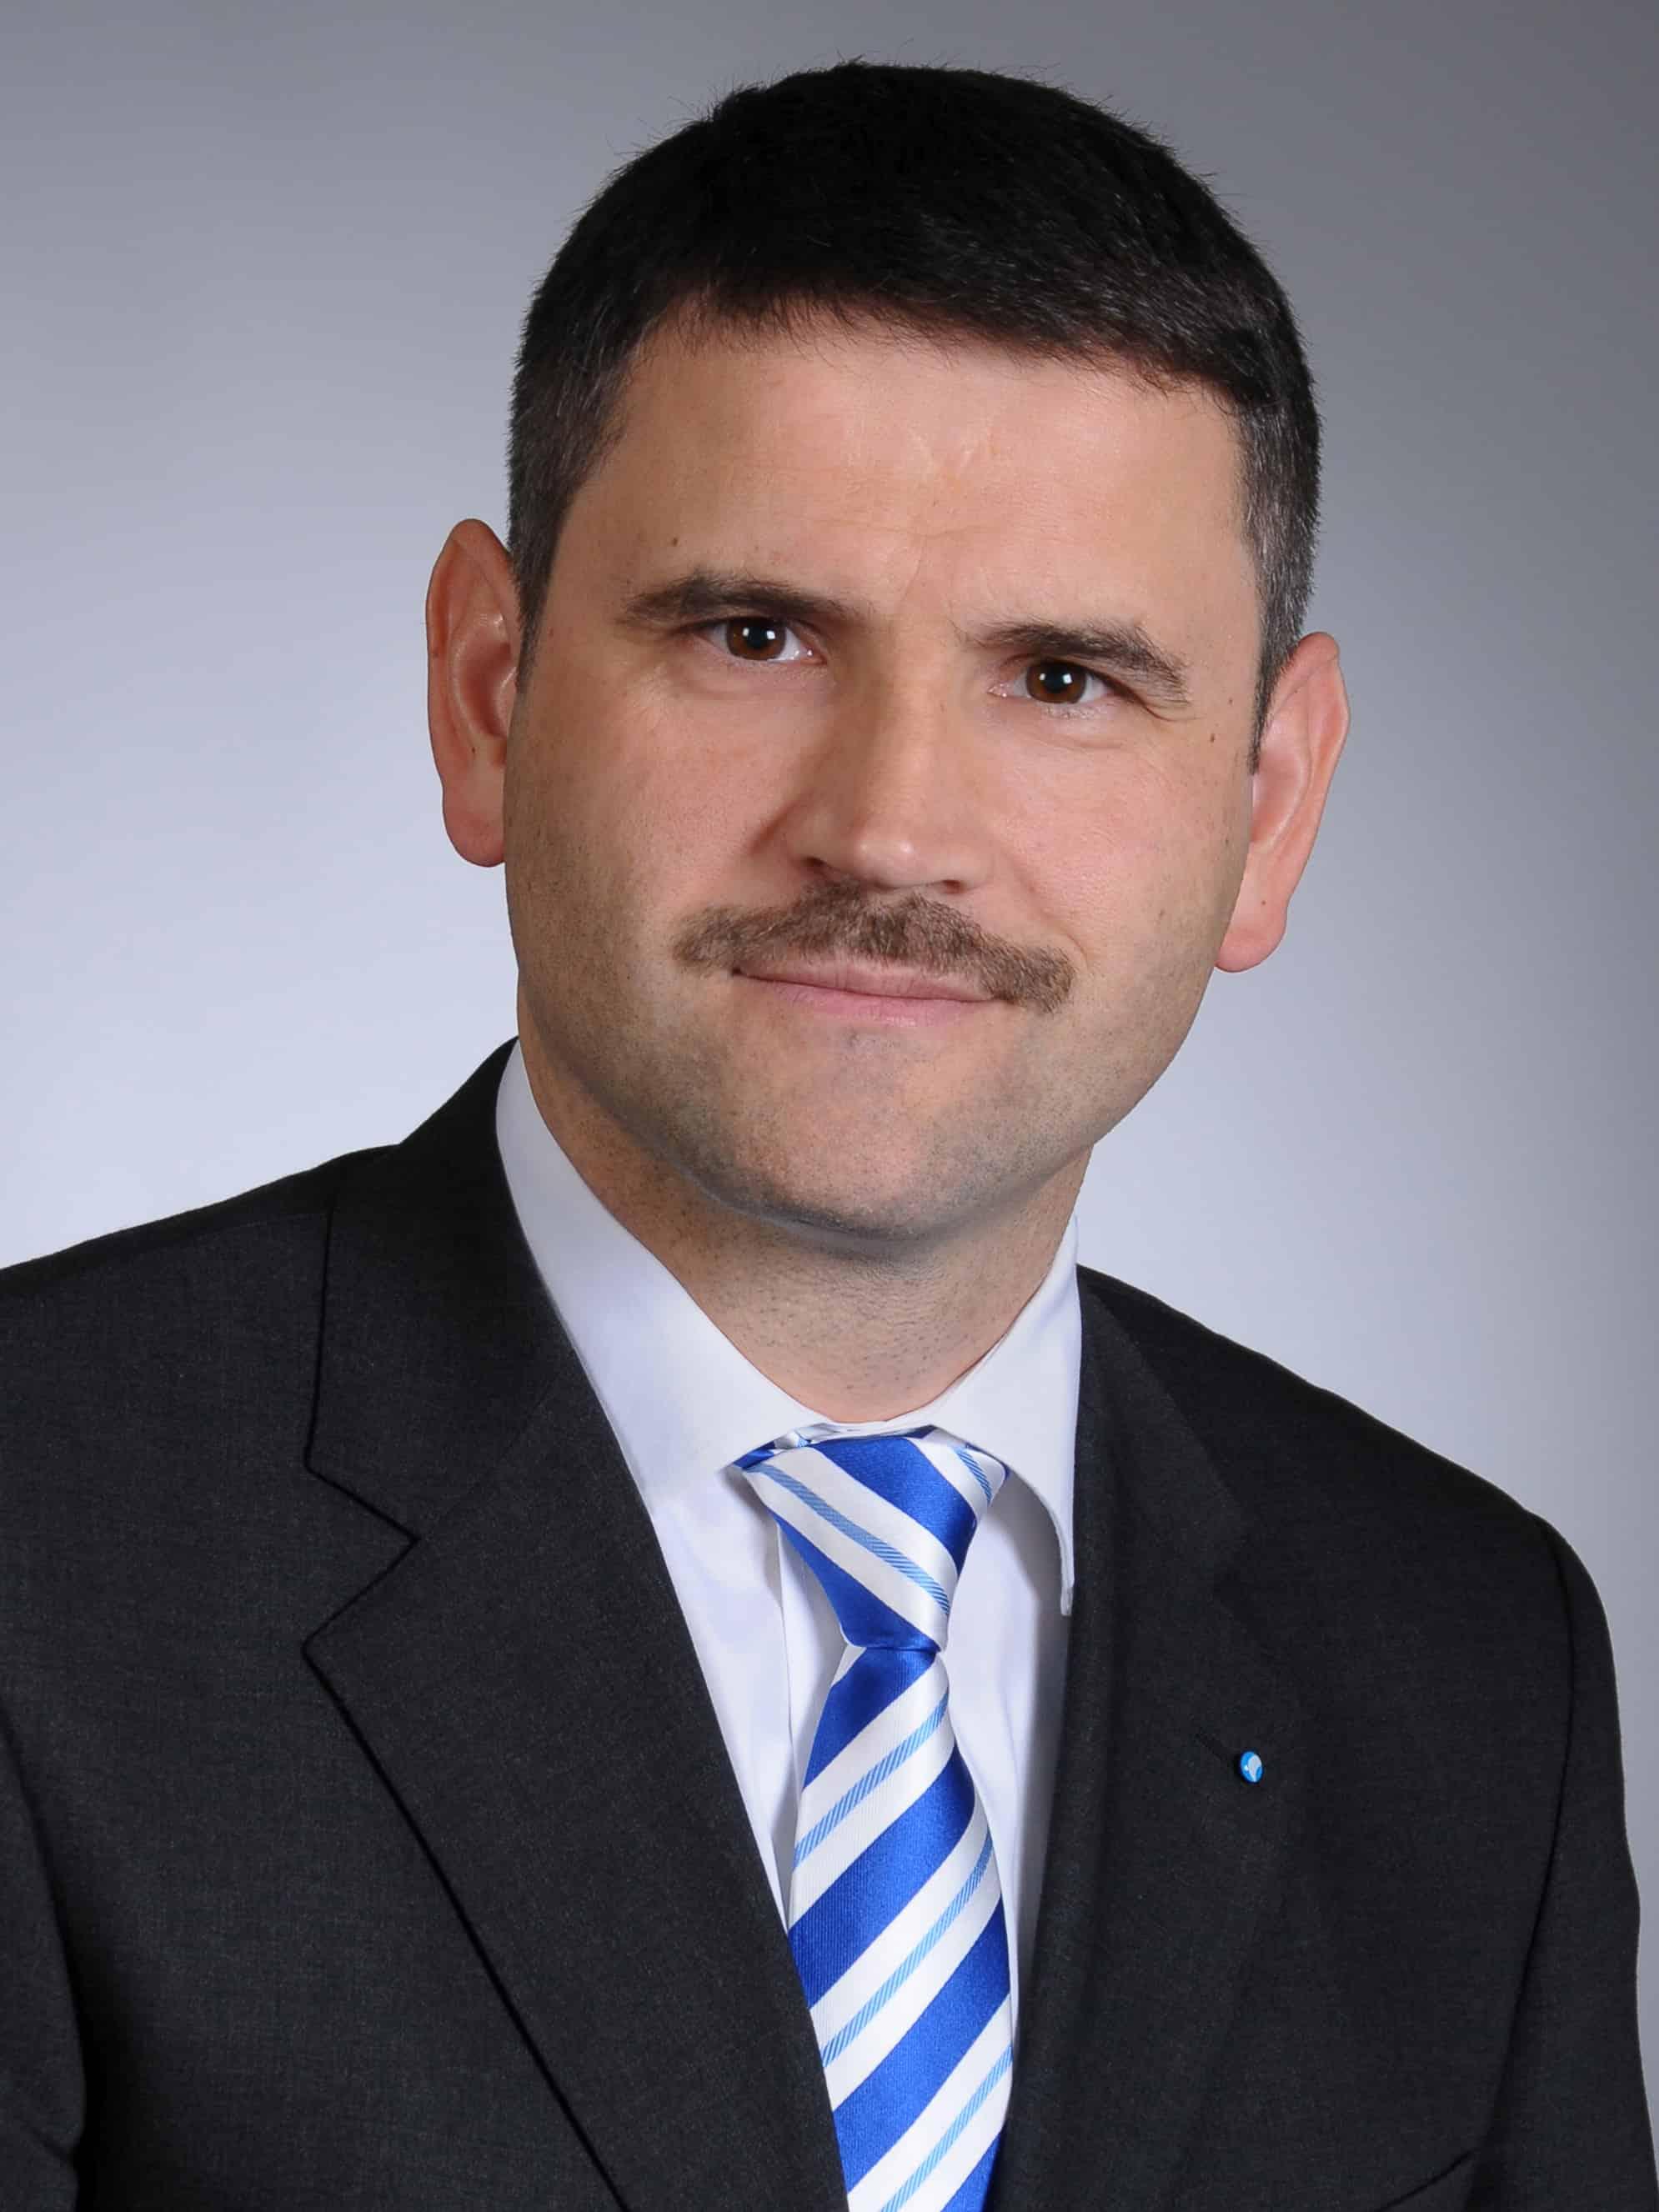 Jürgen Wlochowicz